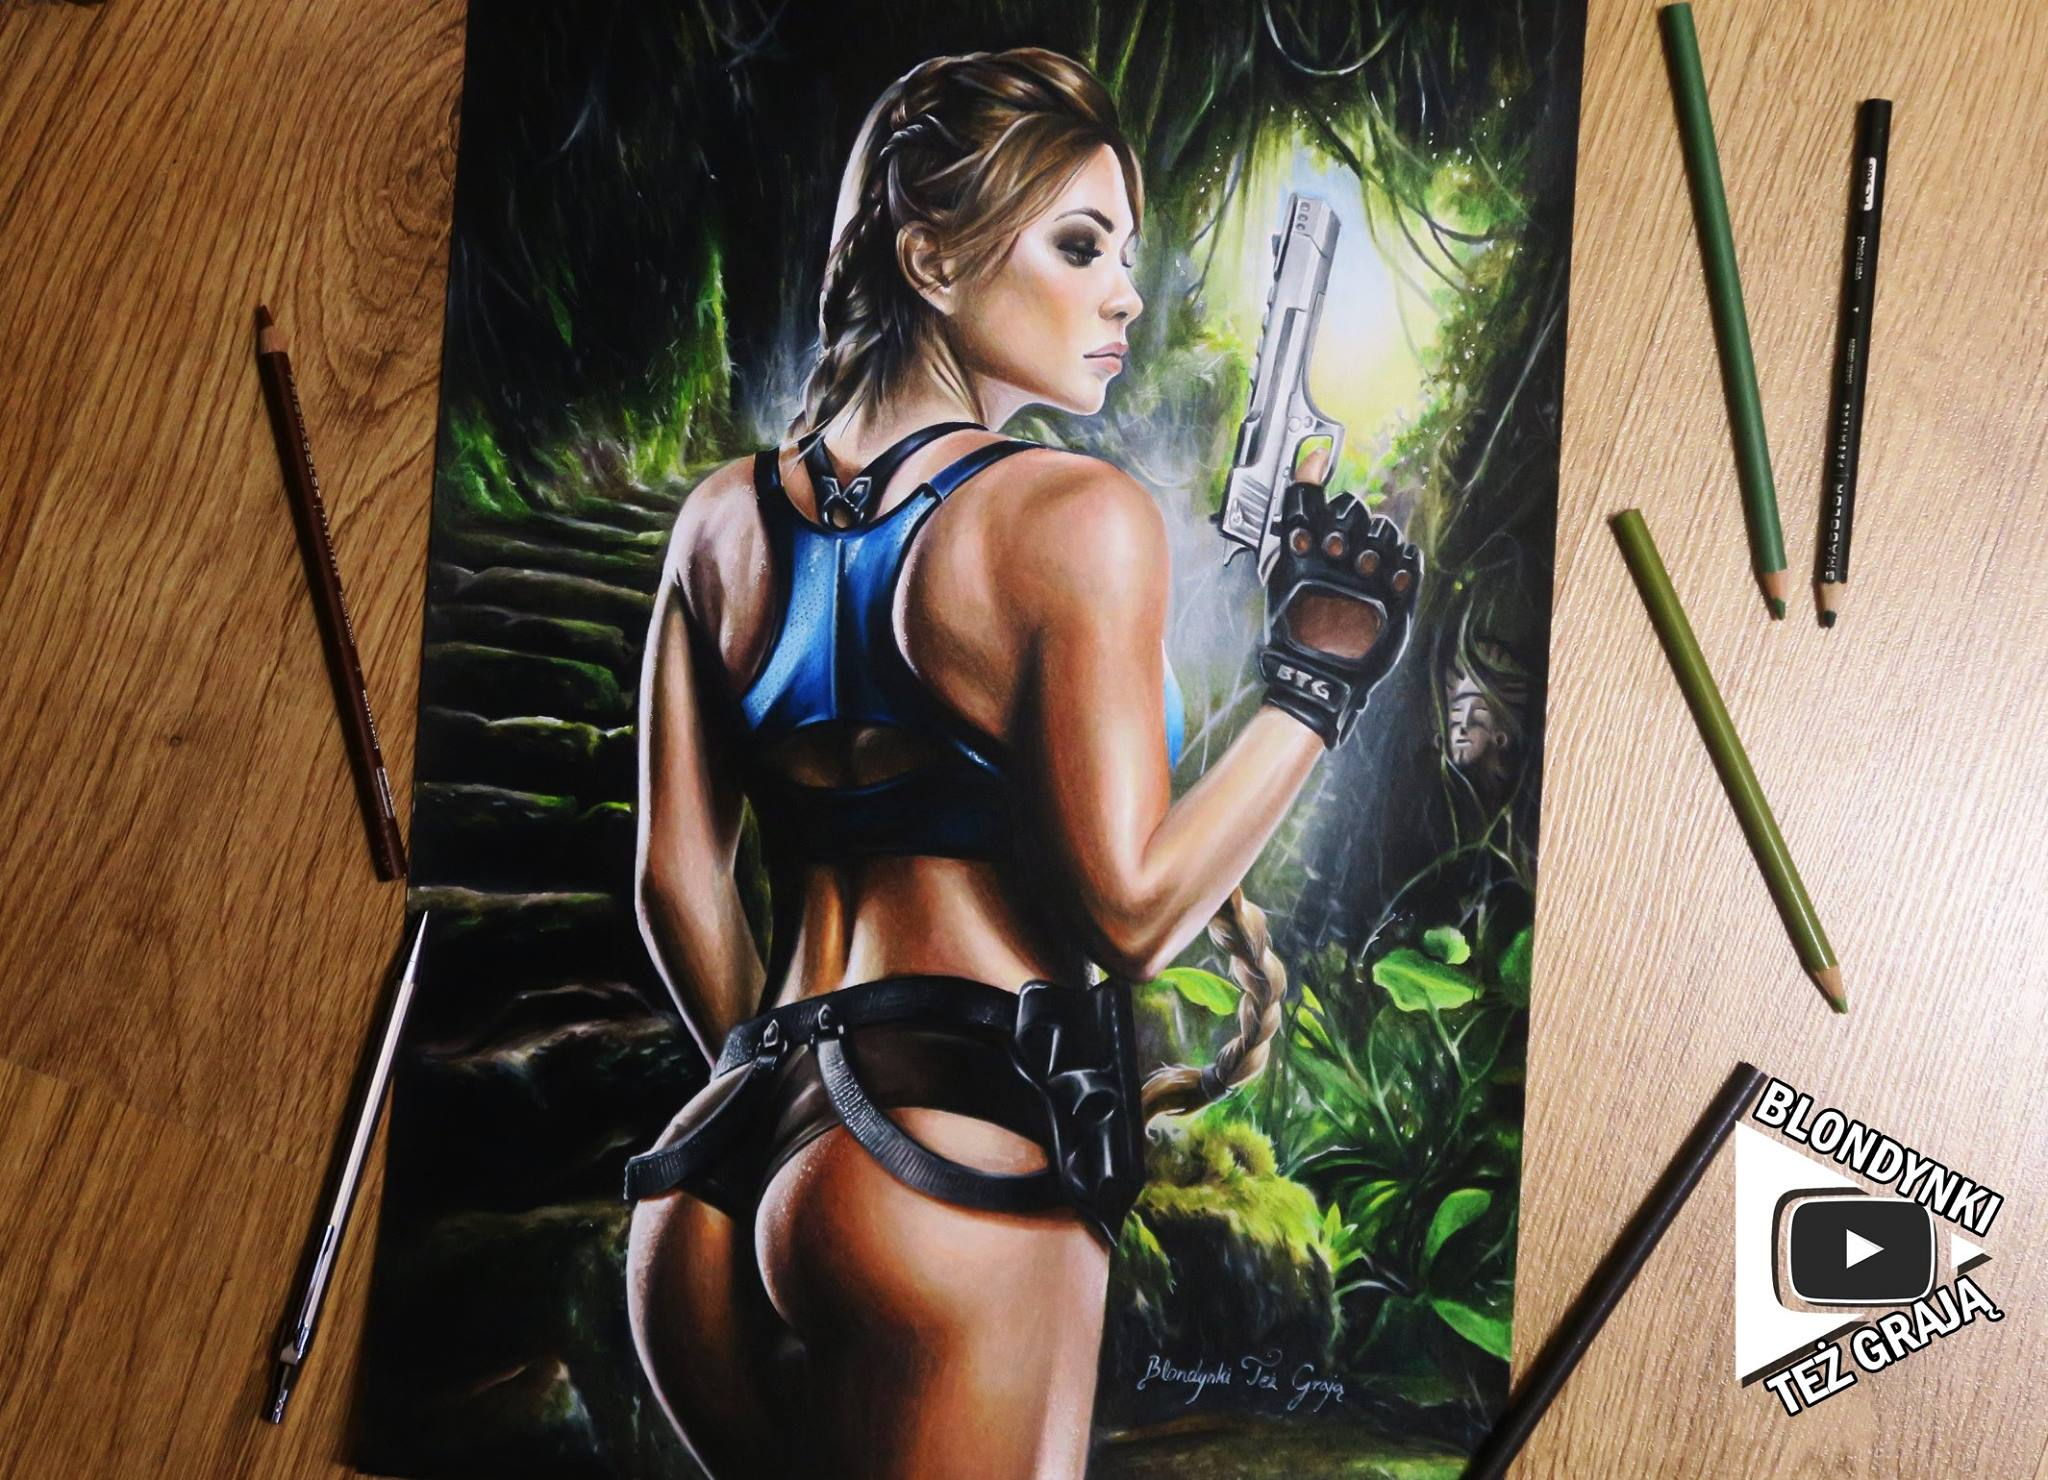 Lara Croft drawing by Blondynki Też Grają - Tomb Raider art